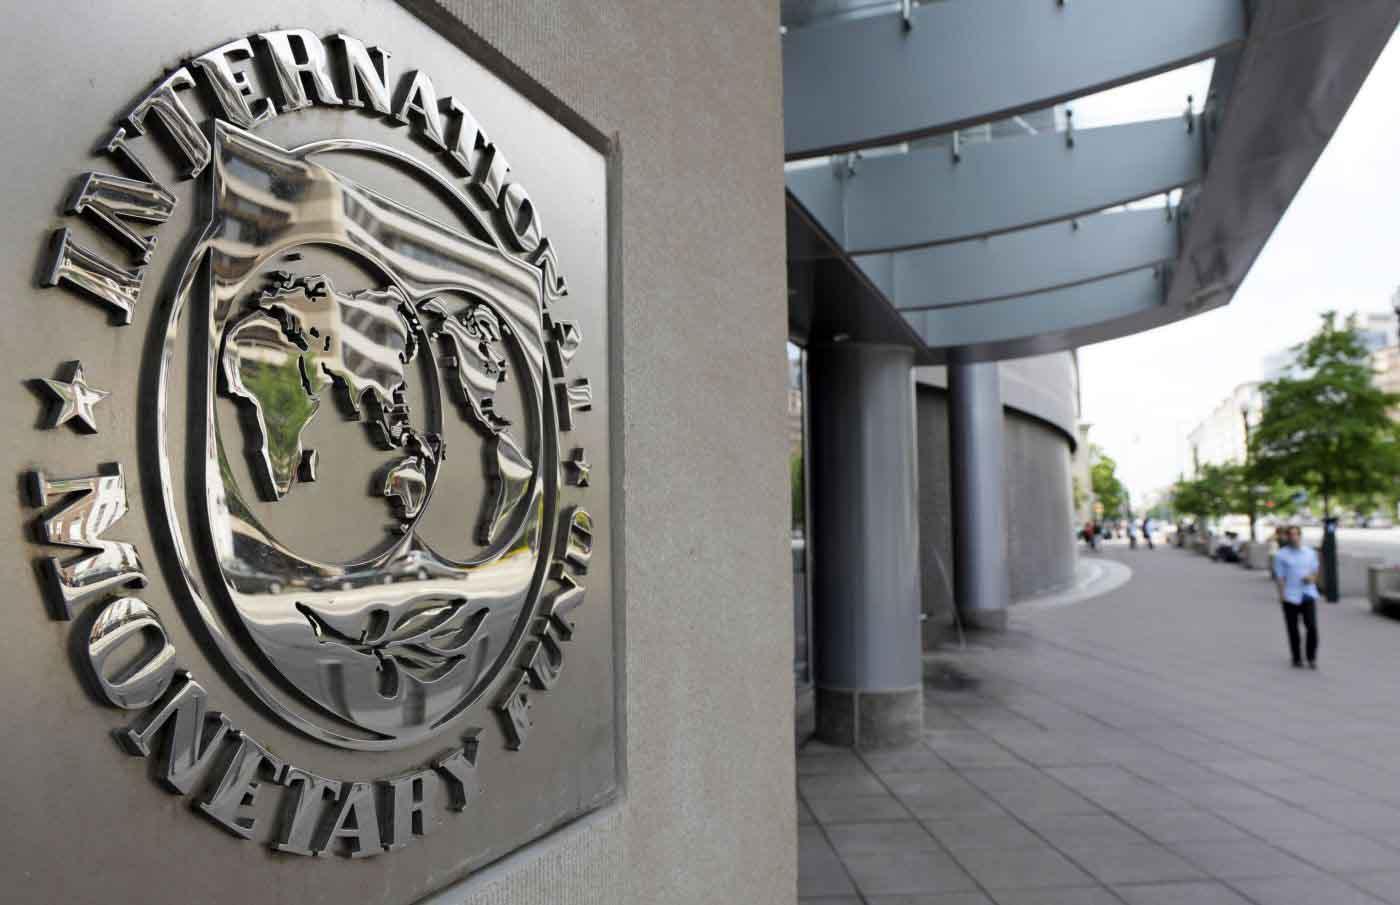 صندوق النقد الدولي يطالب الجزائر بخفض نفقاتها وإلغاء الدعم على المحروقات